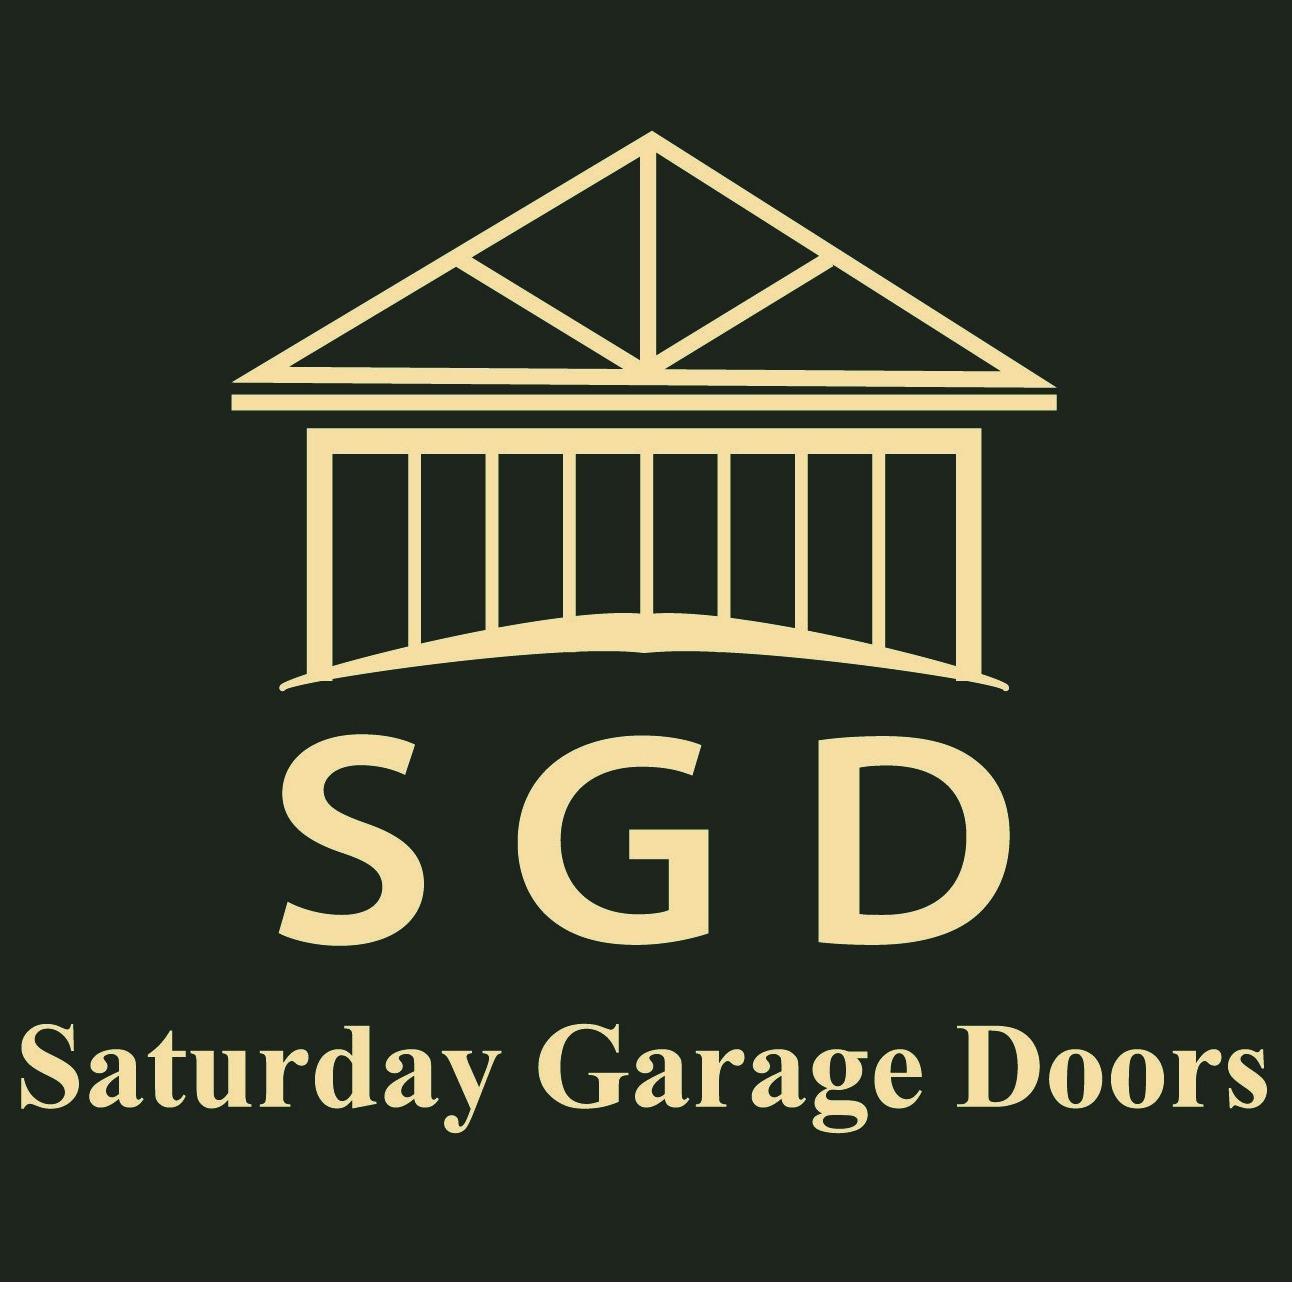 Saturday Garage Doors